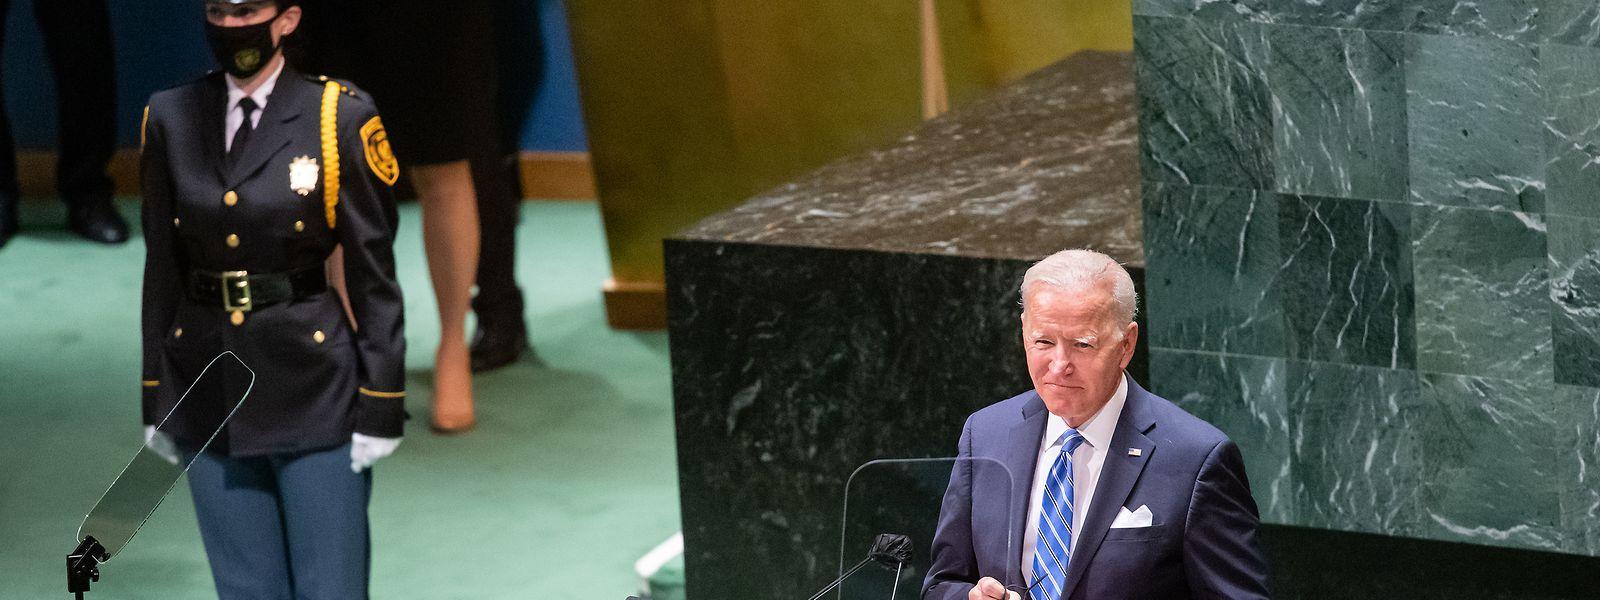 Joe Biden während der 76. Generaldebatte der UN-Vollversammlung im Hauptquartier der Vereinten Nationen in New York.